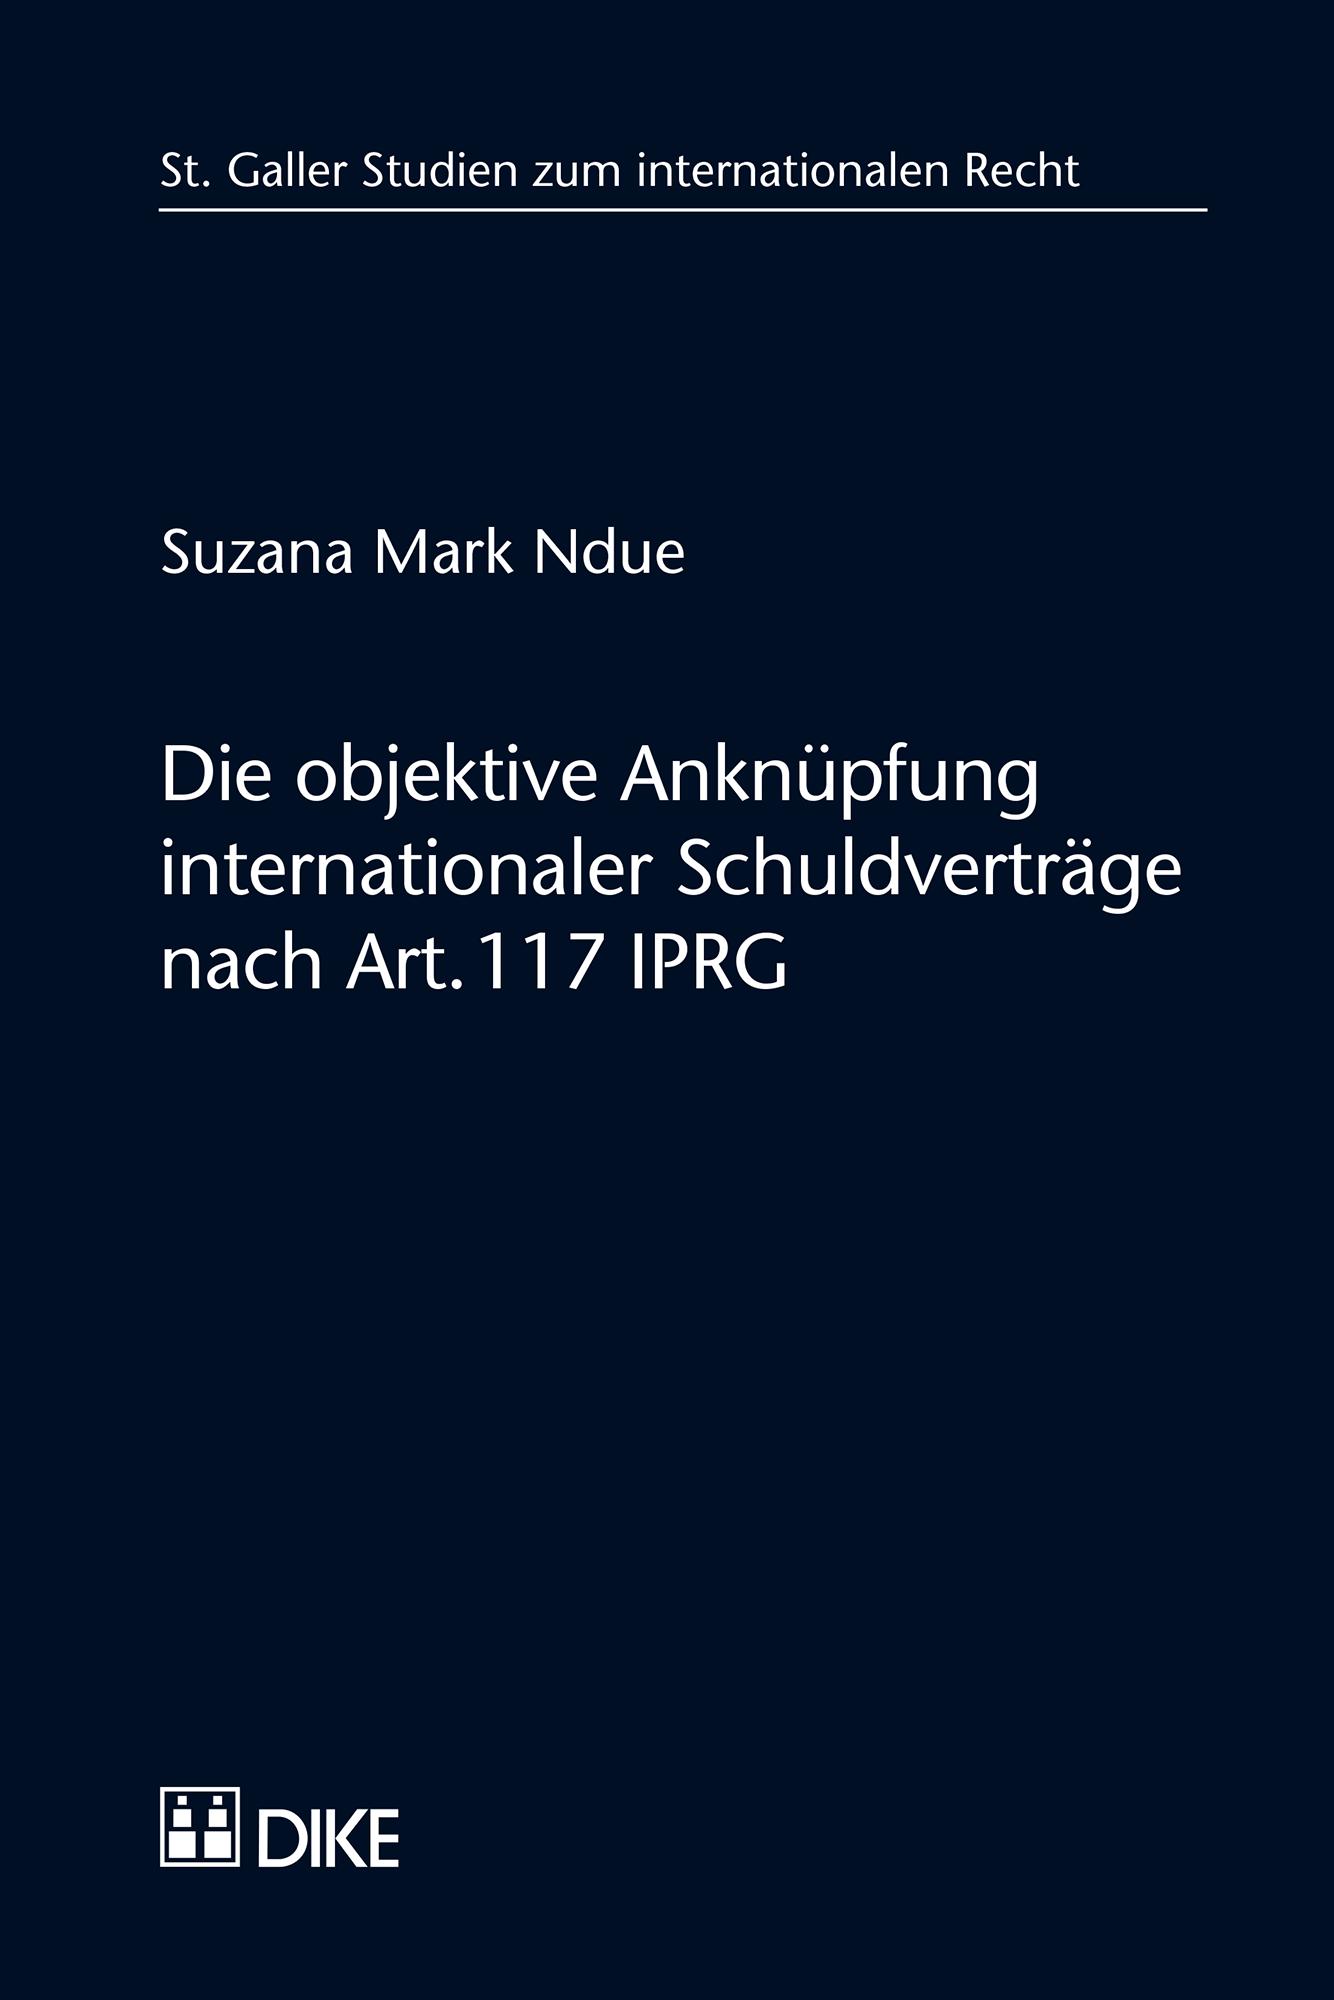 Die objektive Anknüpfung internationaler Schuldverträge nach Art. 117 IPRG